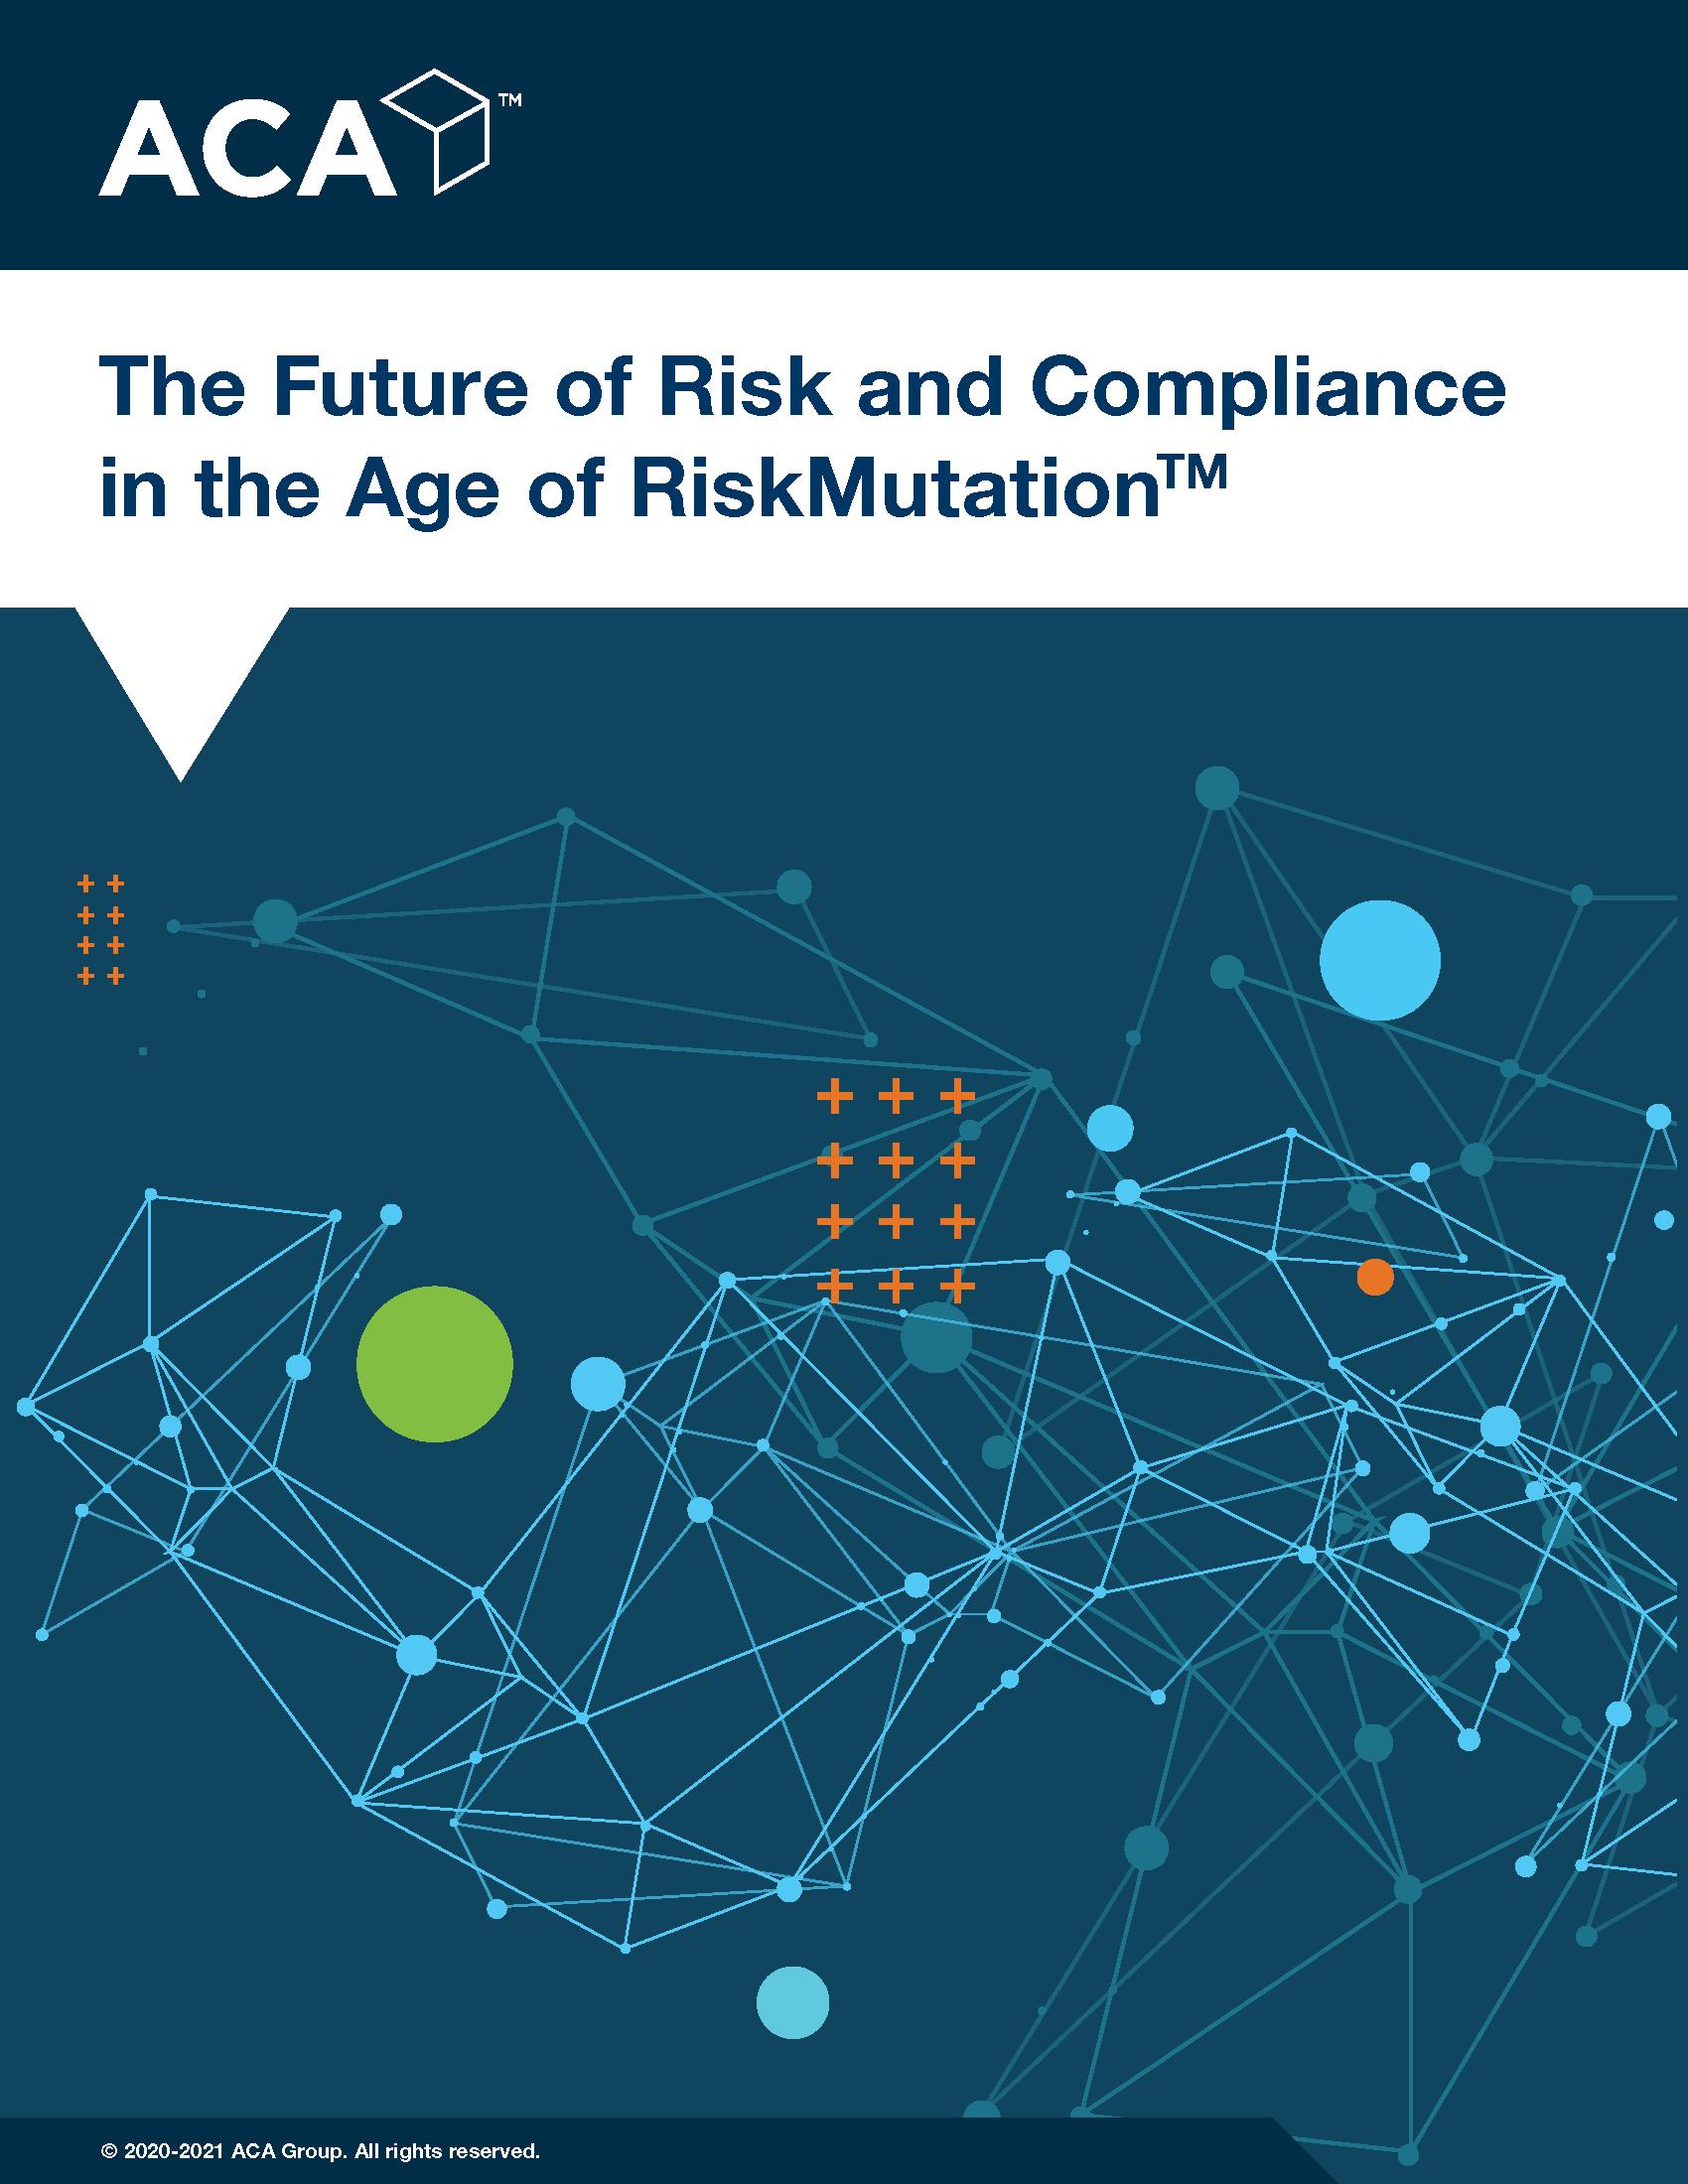 RiskMutation Cover Image